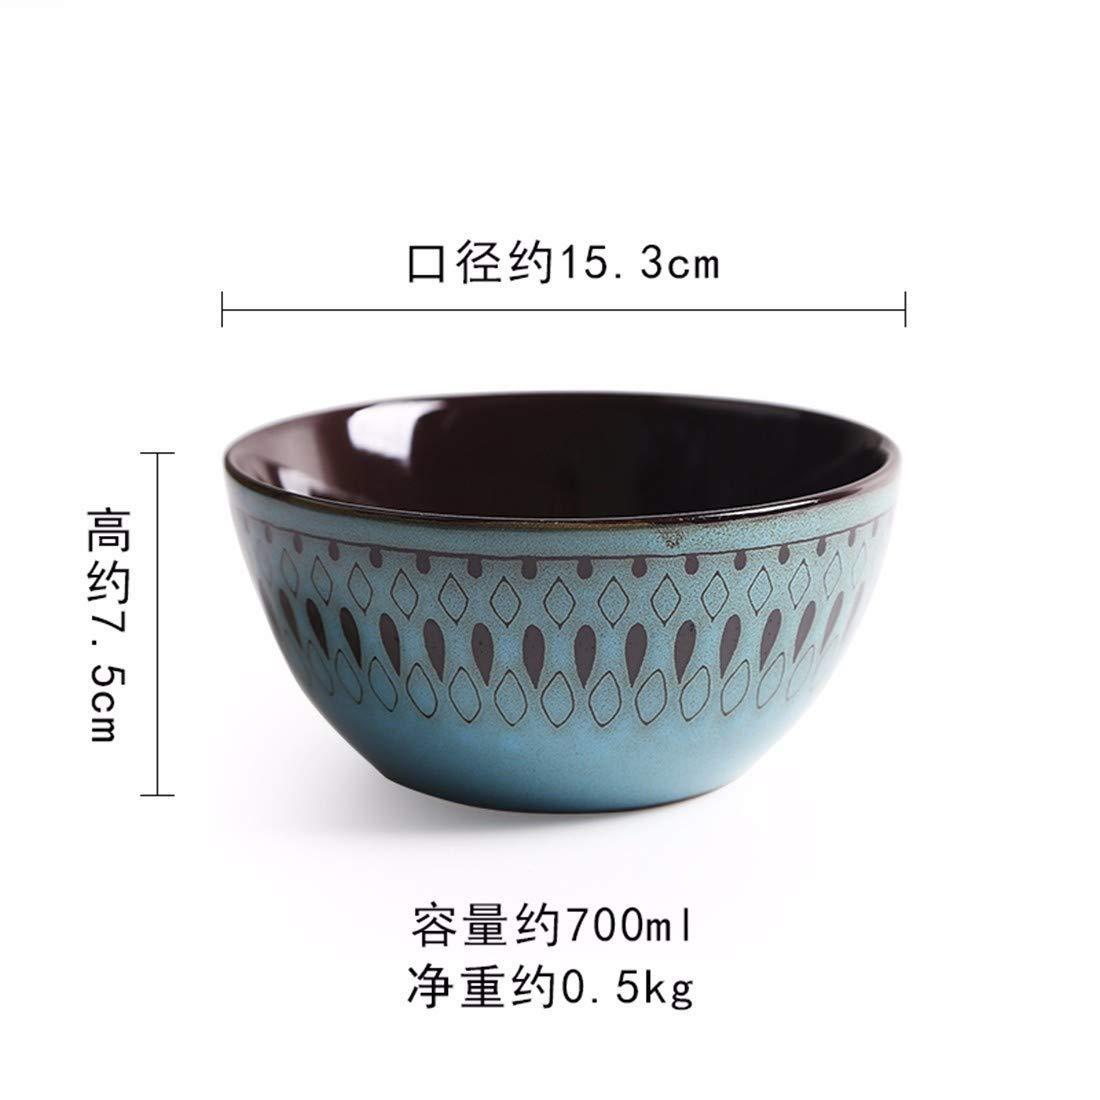 QPGGP-Teller Die Europäischen Und Amerikanischen Keramik - Schale, Teller, Becher, Teller, Teller, Antiquitäten, Beefsteak, Schüssel, Westlichen Platte, Wasser - Glas,C